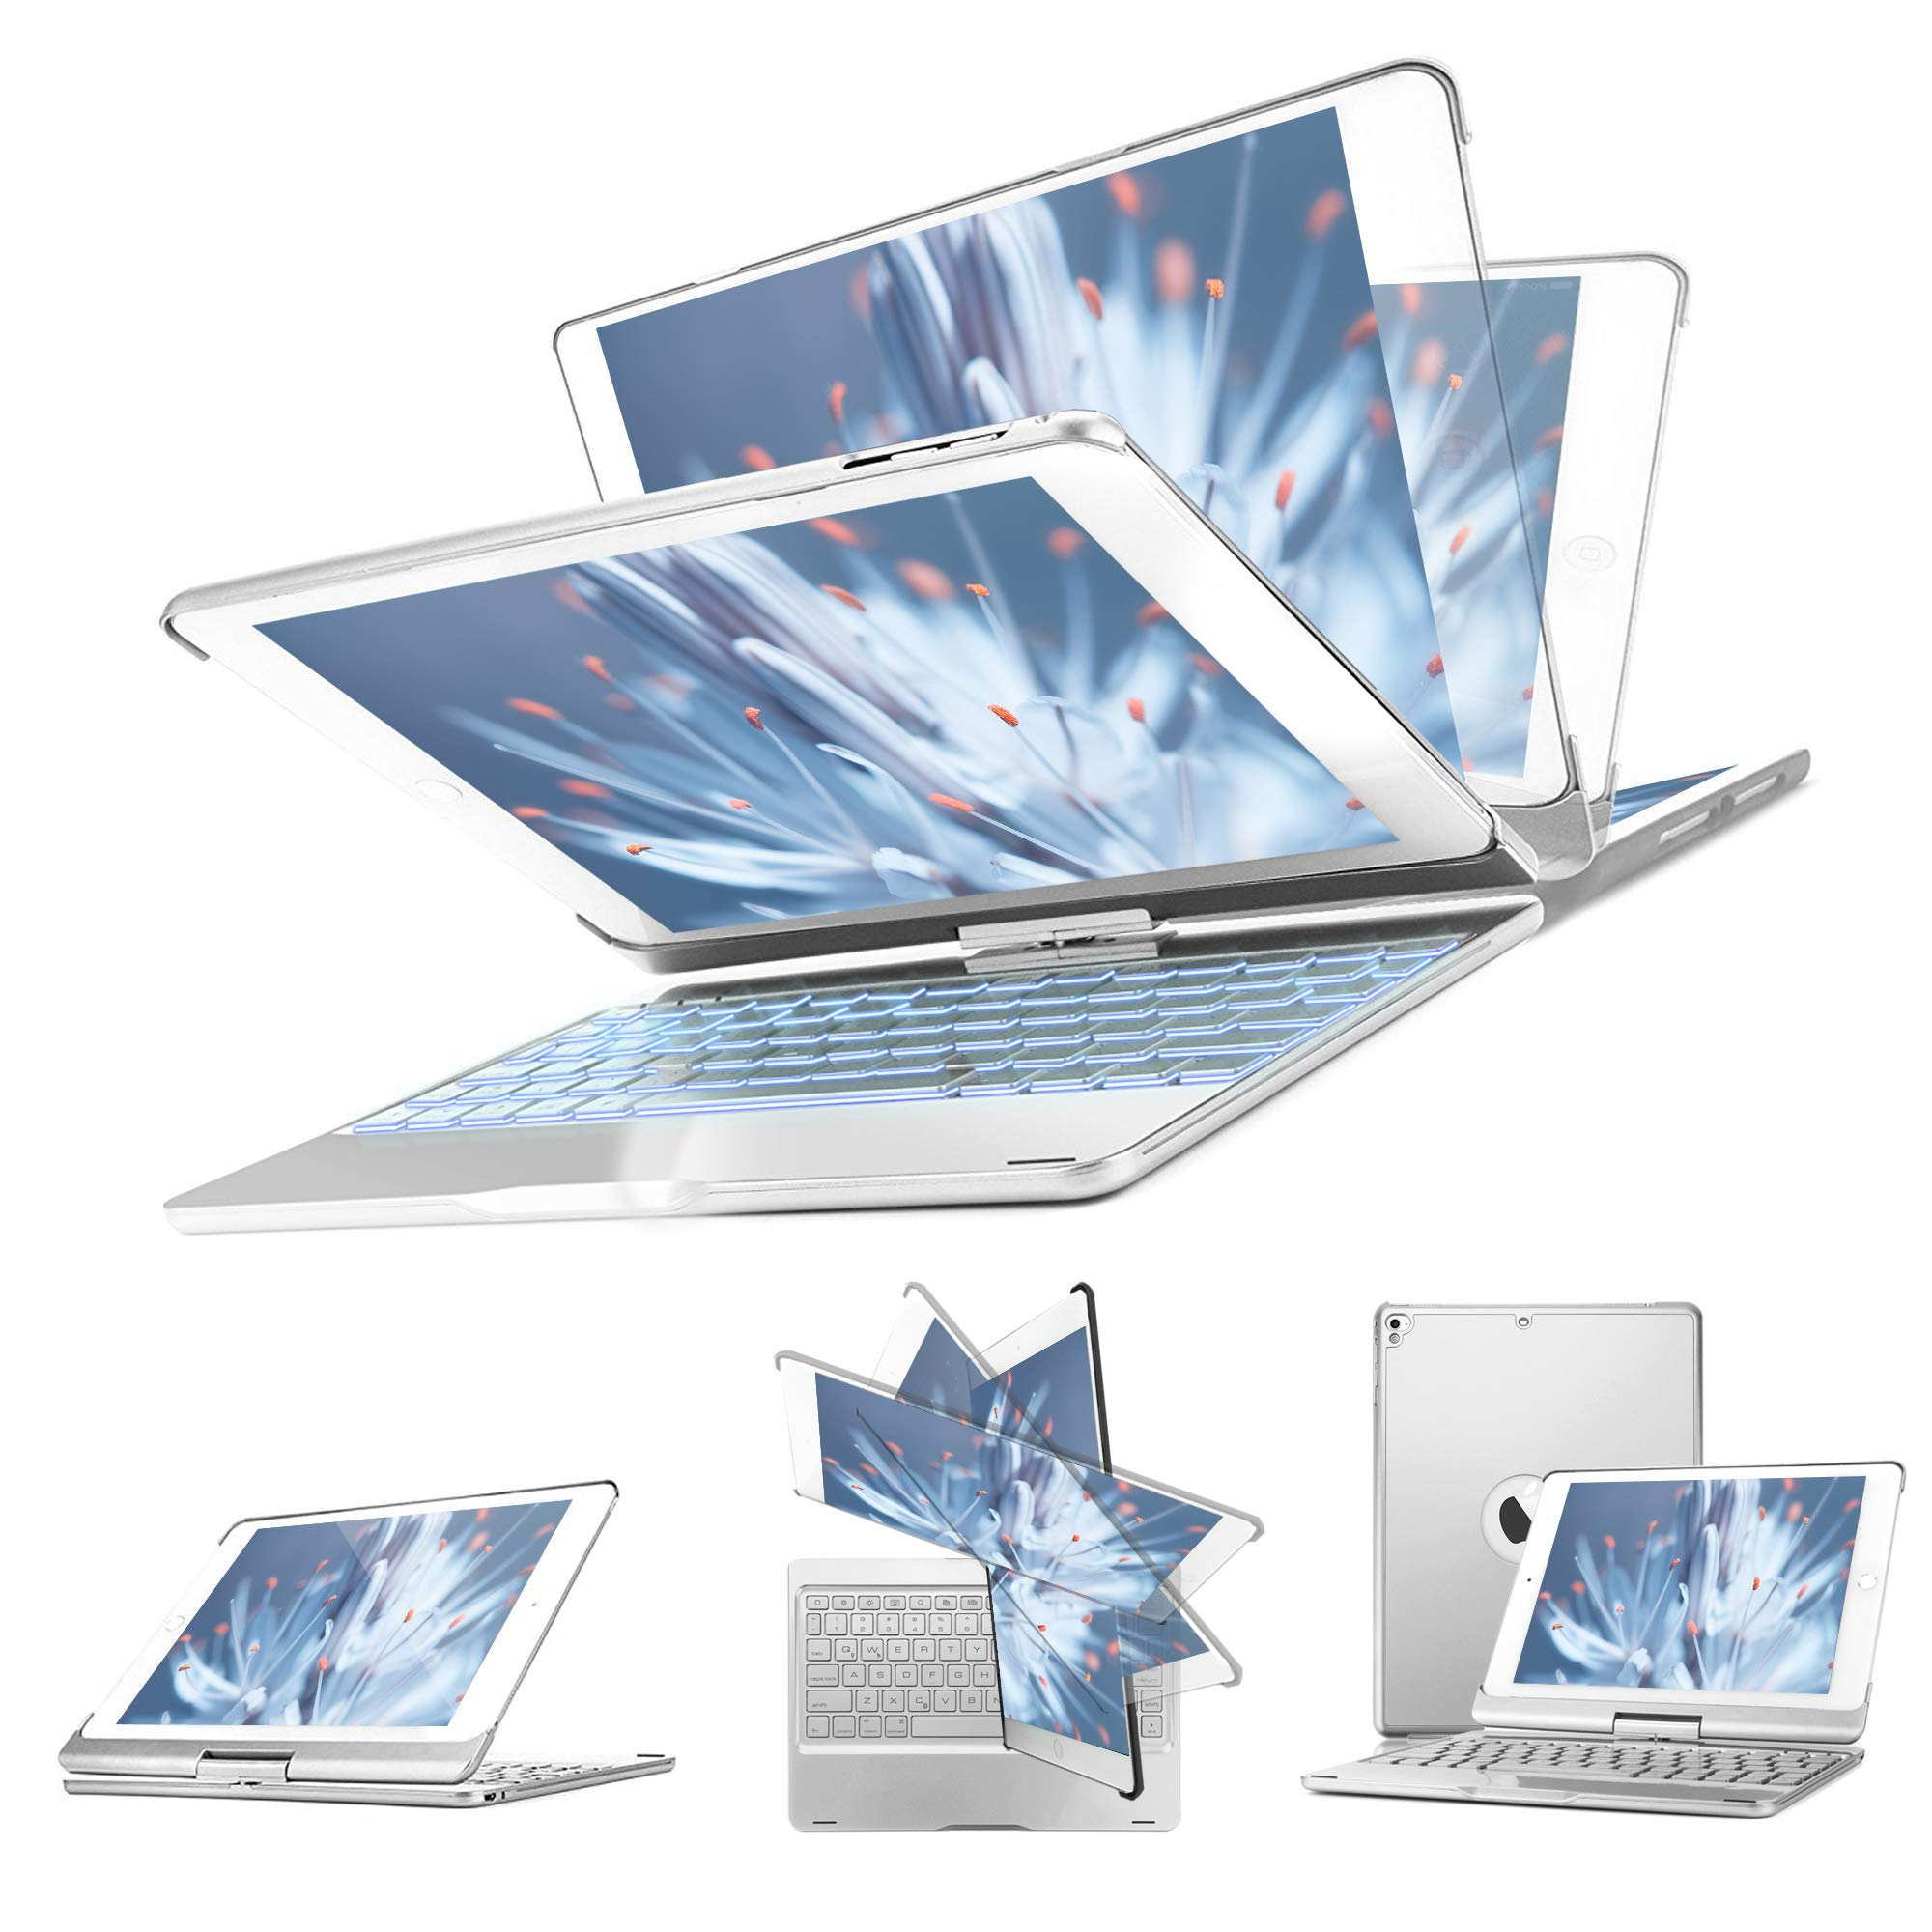 iPad Keyboard Case Compatible with 2018 iPad (6th Gen), 2017 iPad (5th Gen), iPad Pro 9.7, iPad Air 2, Air 1, 360 Rotatable Auto Sleep Wake iPad Case with Backlit Keyboard F180S (Silver)